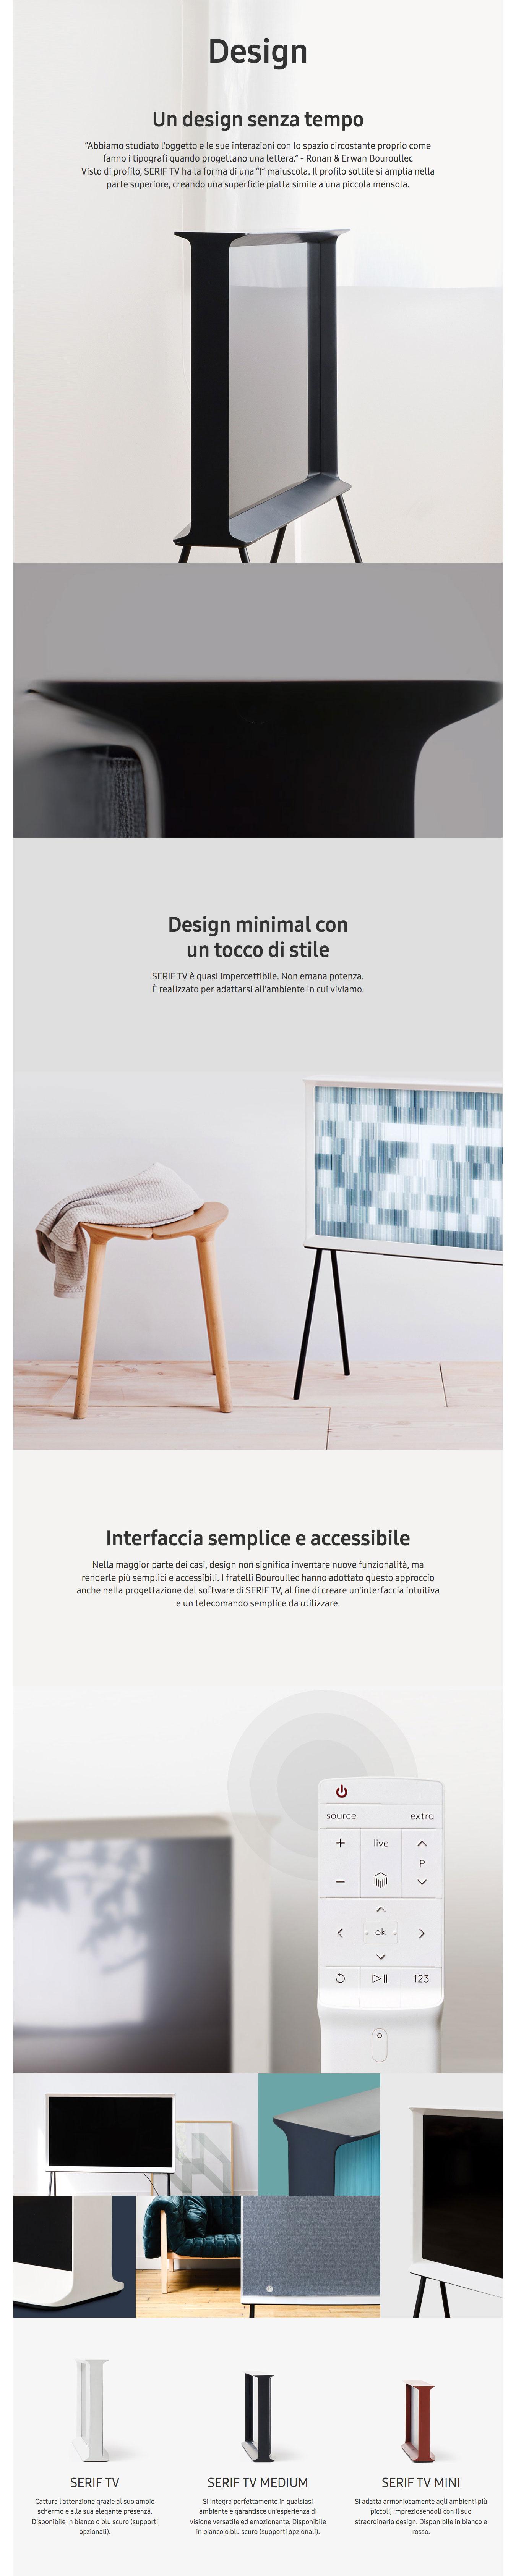 Samsung-Serif-Design.jpg